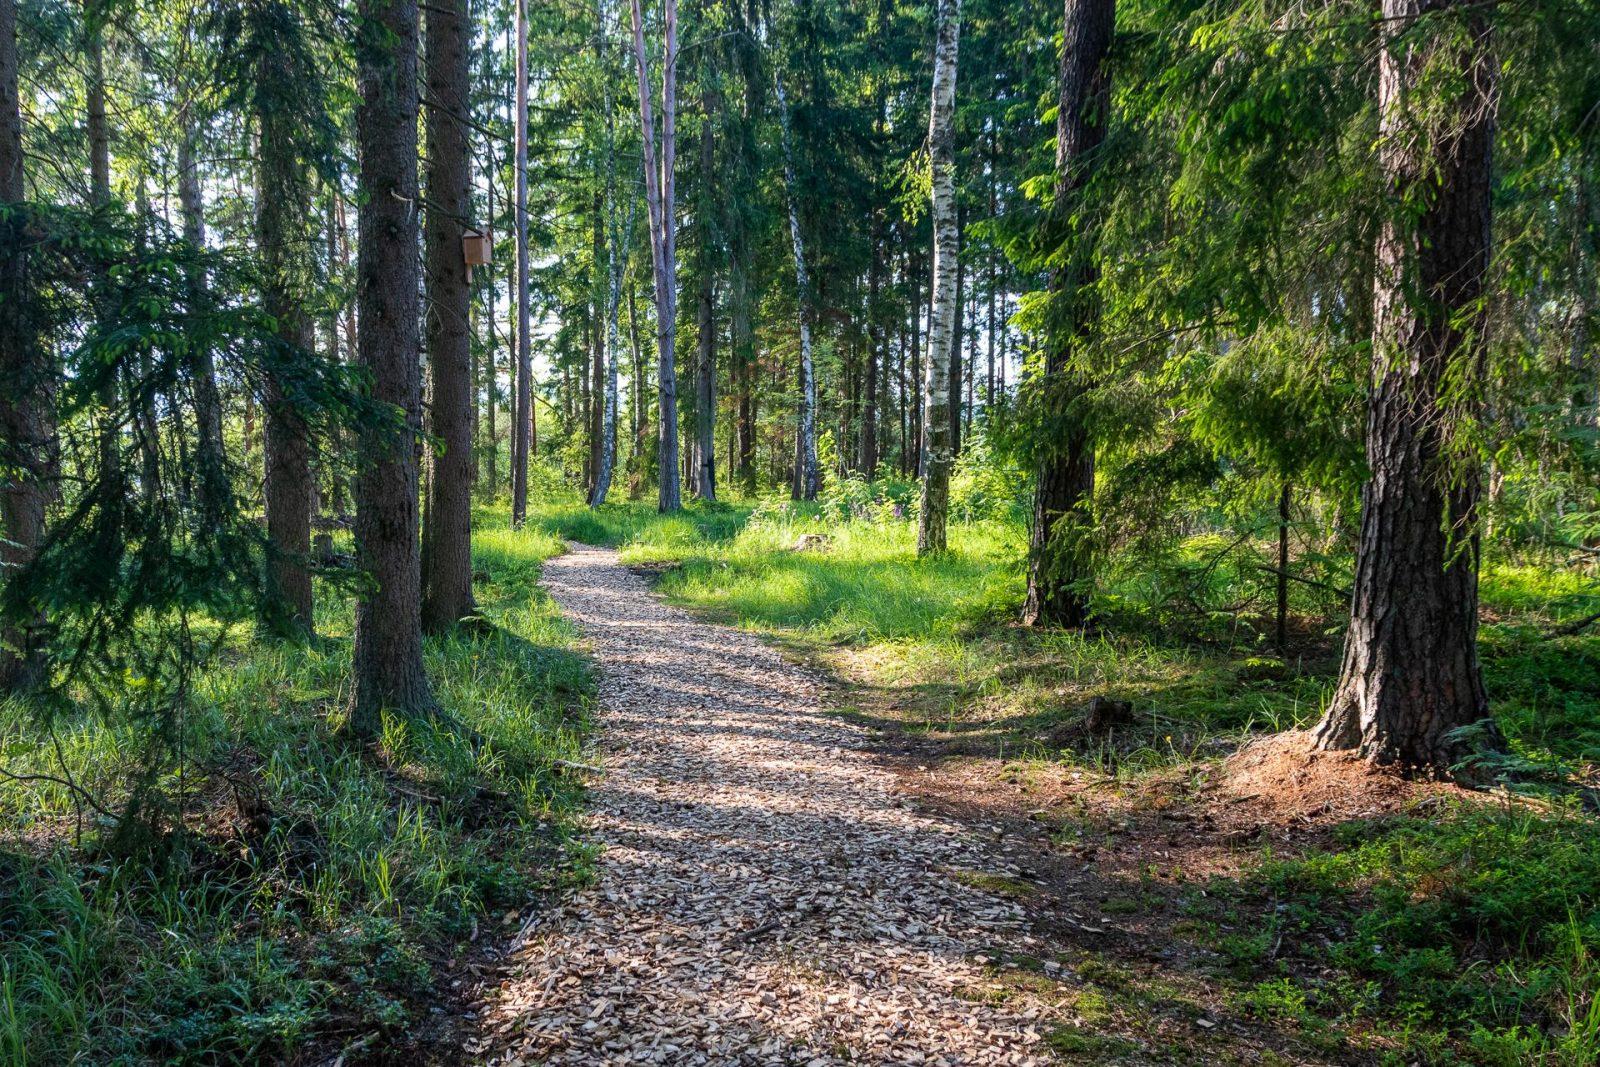 Stezka z dřevěné drti v suchém lese